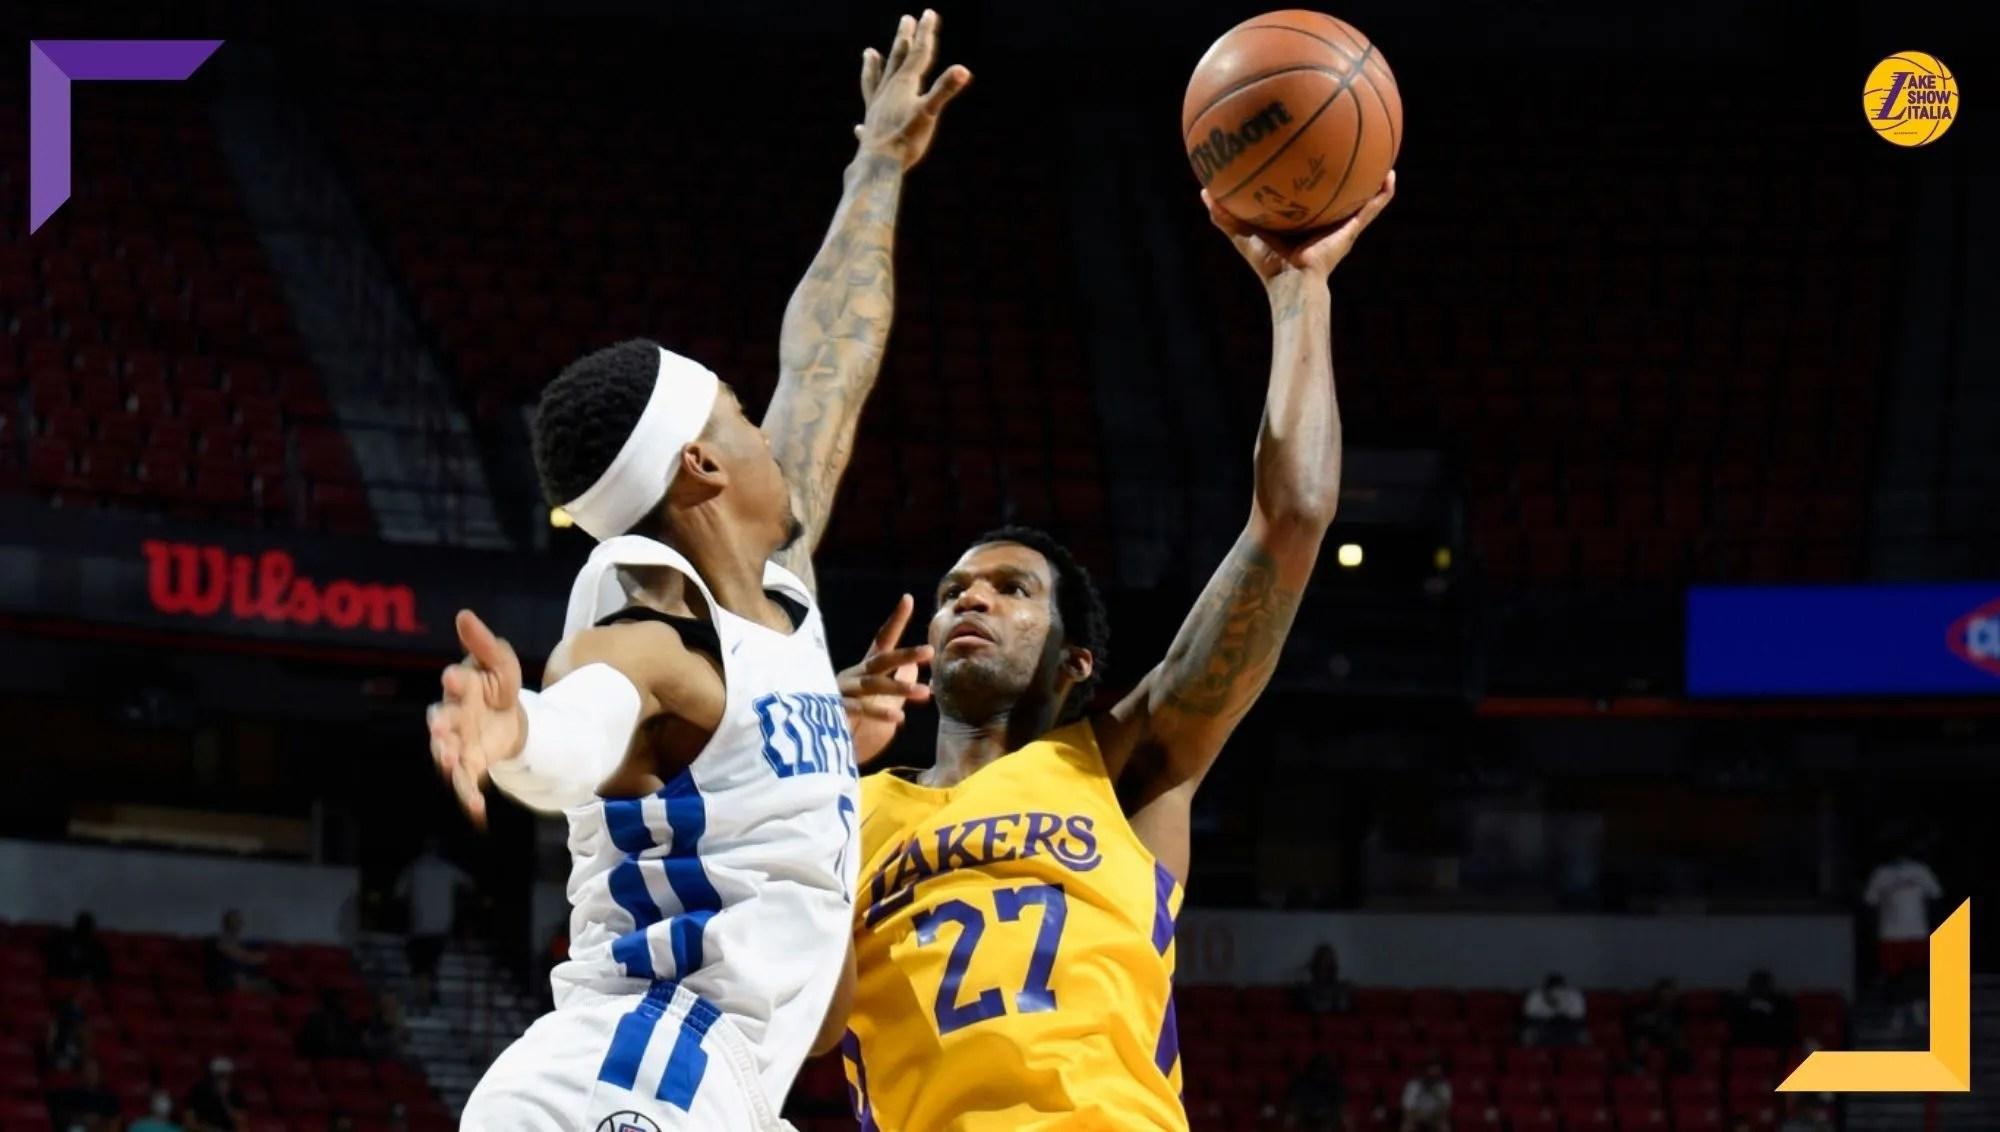 Bel successo per i Los Angeles Lakers, che hanno la meglio sugli L.A. Clippers dopo una gara equilibrata. Nell'ultimo quarto si accende Law.